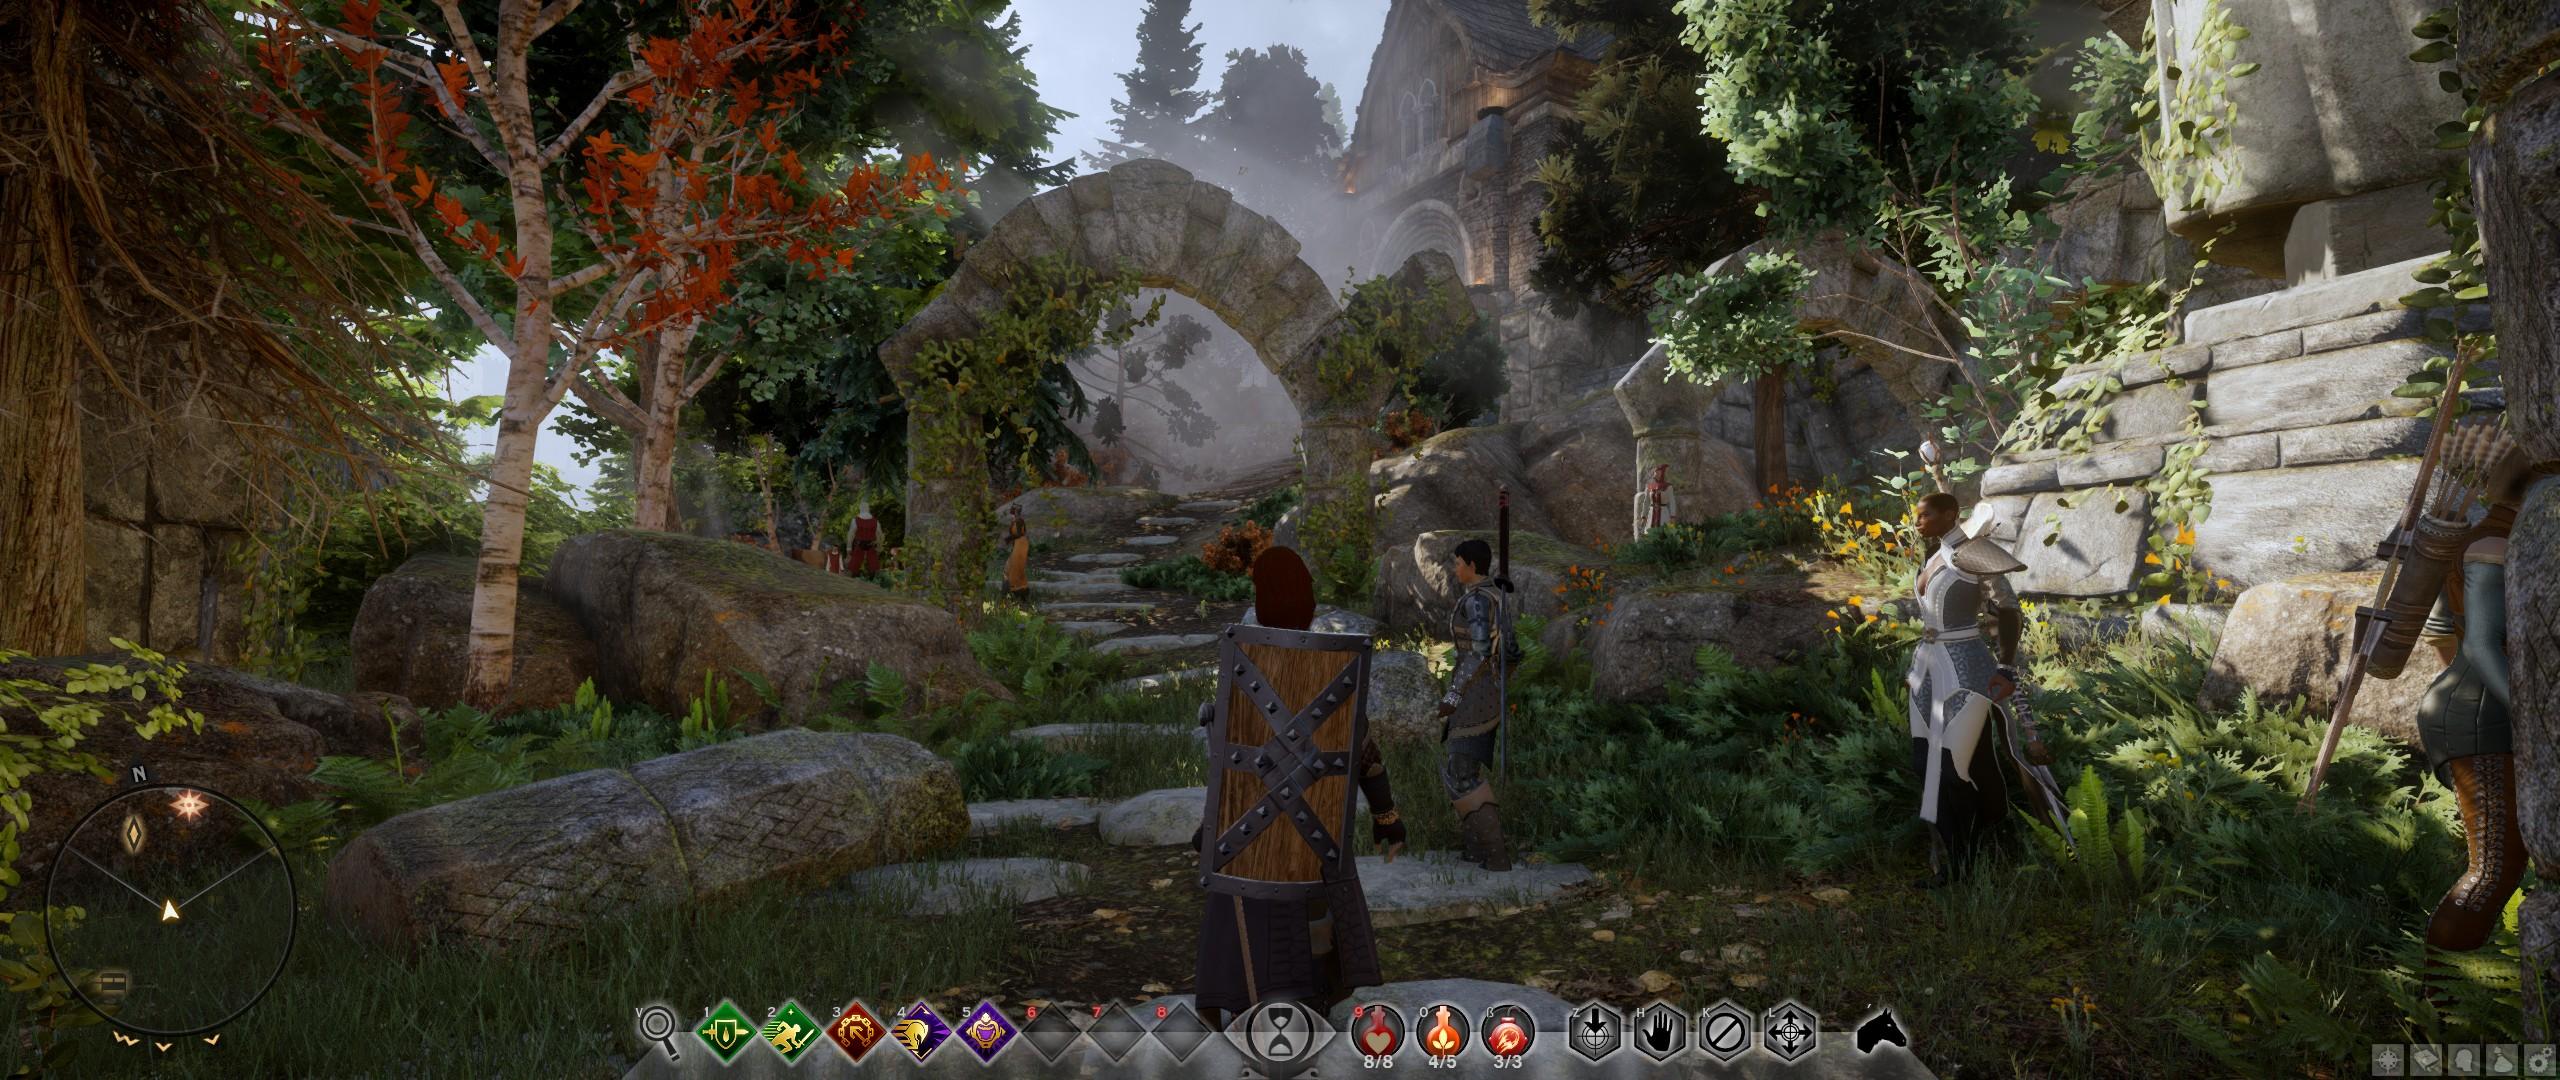 ScreenshotWin32_0025_Final